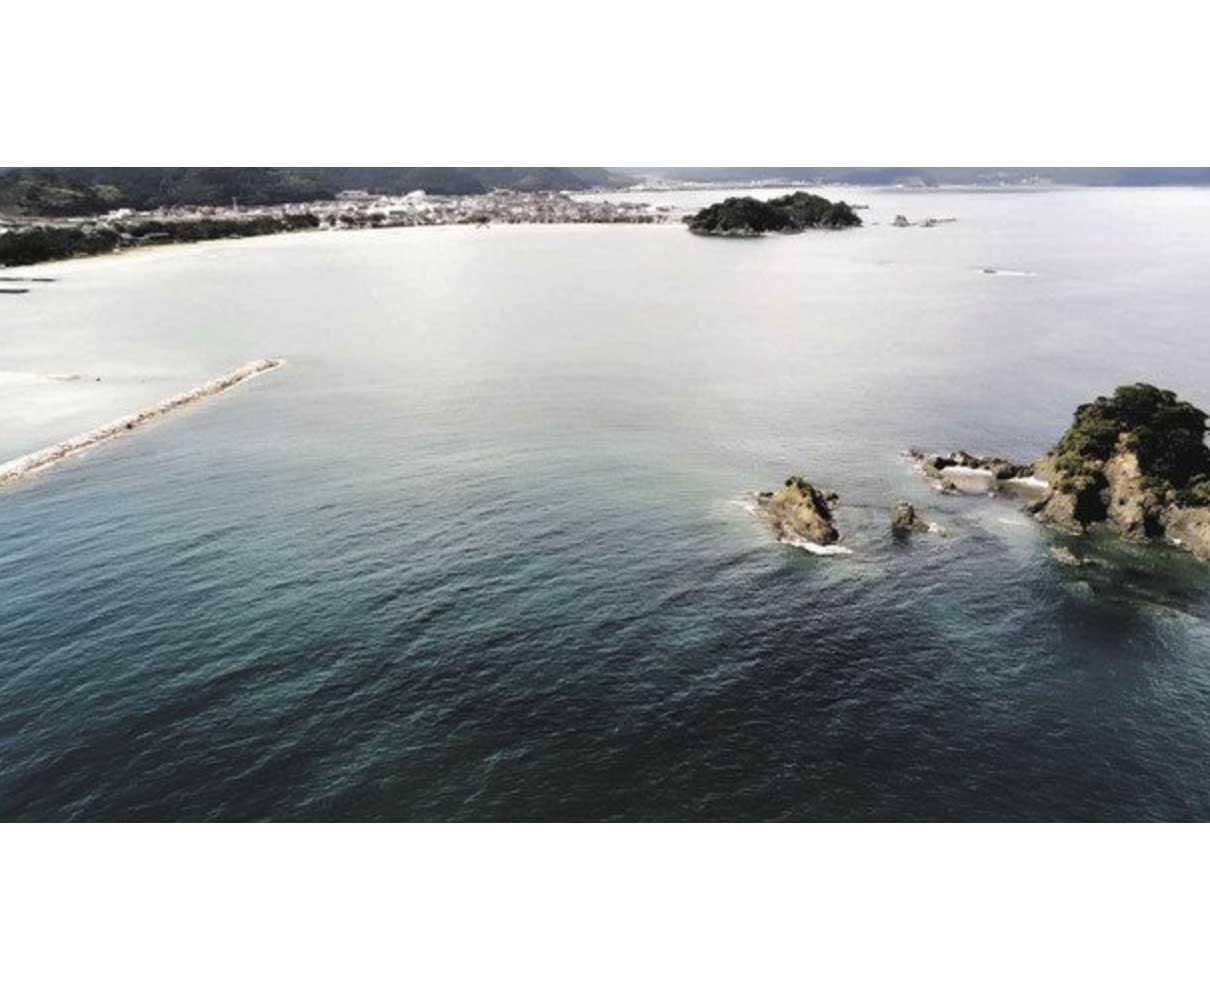 マリンスポーツに安全を 漁船と衝突死亡事故、高浜町がルール作り着手